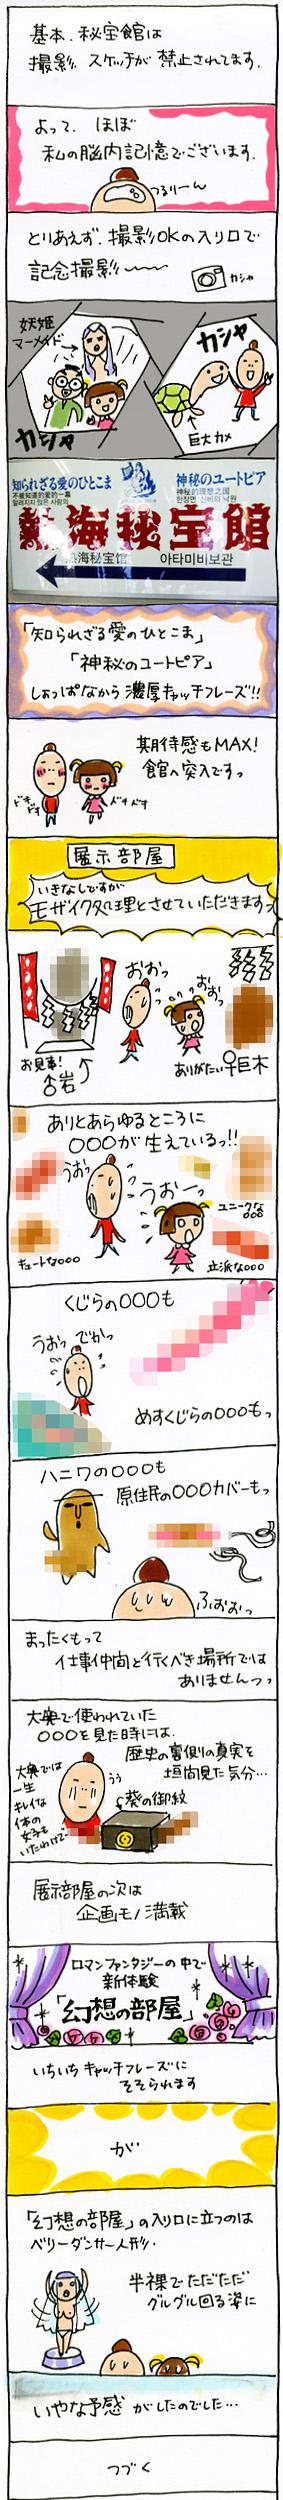 秘宝館01